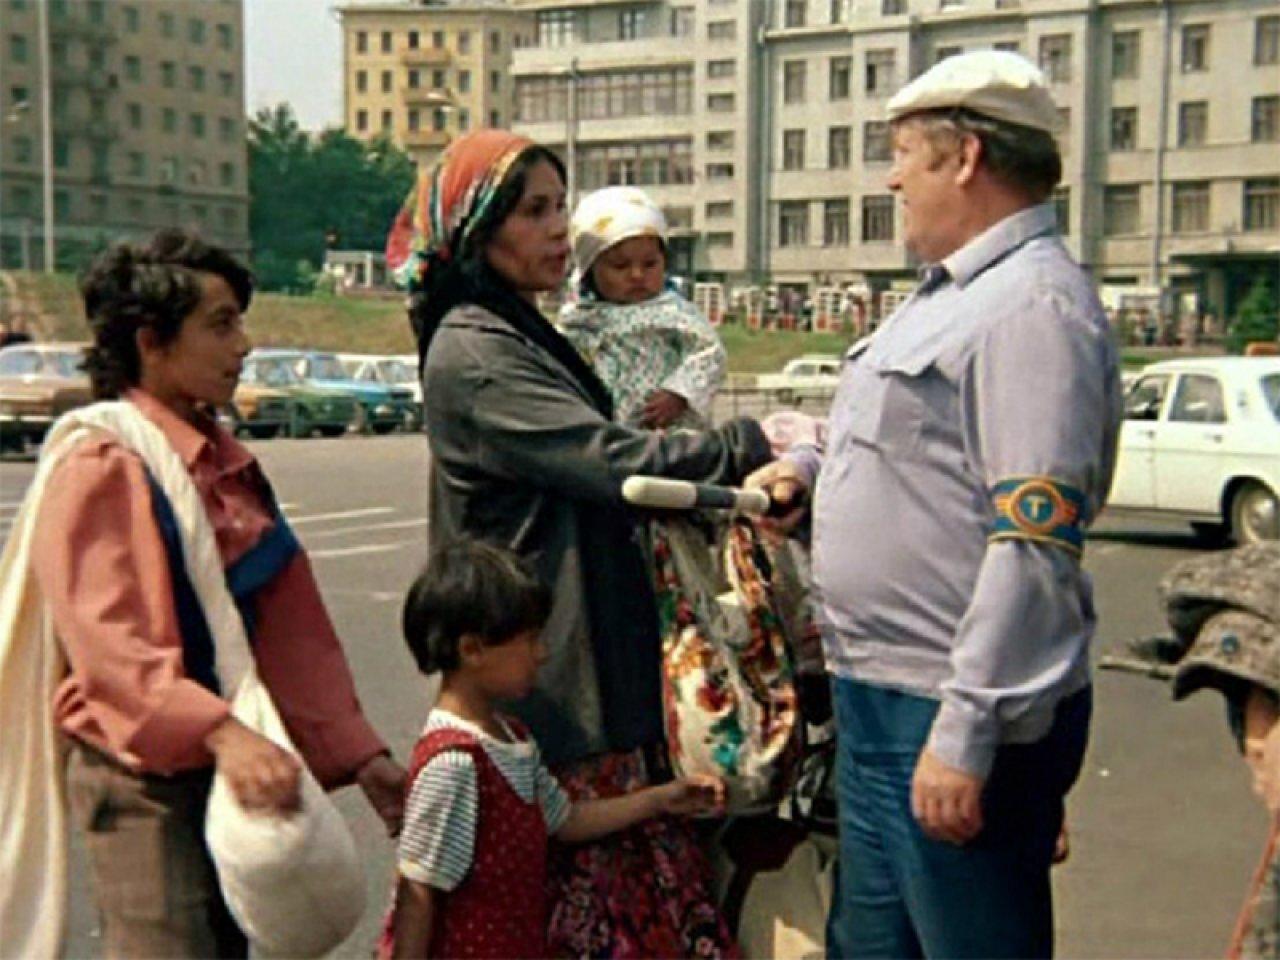 Кадр из фильма «Карнавал». Режиссер Т. Лиознова. 1981 год